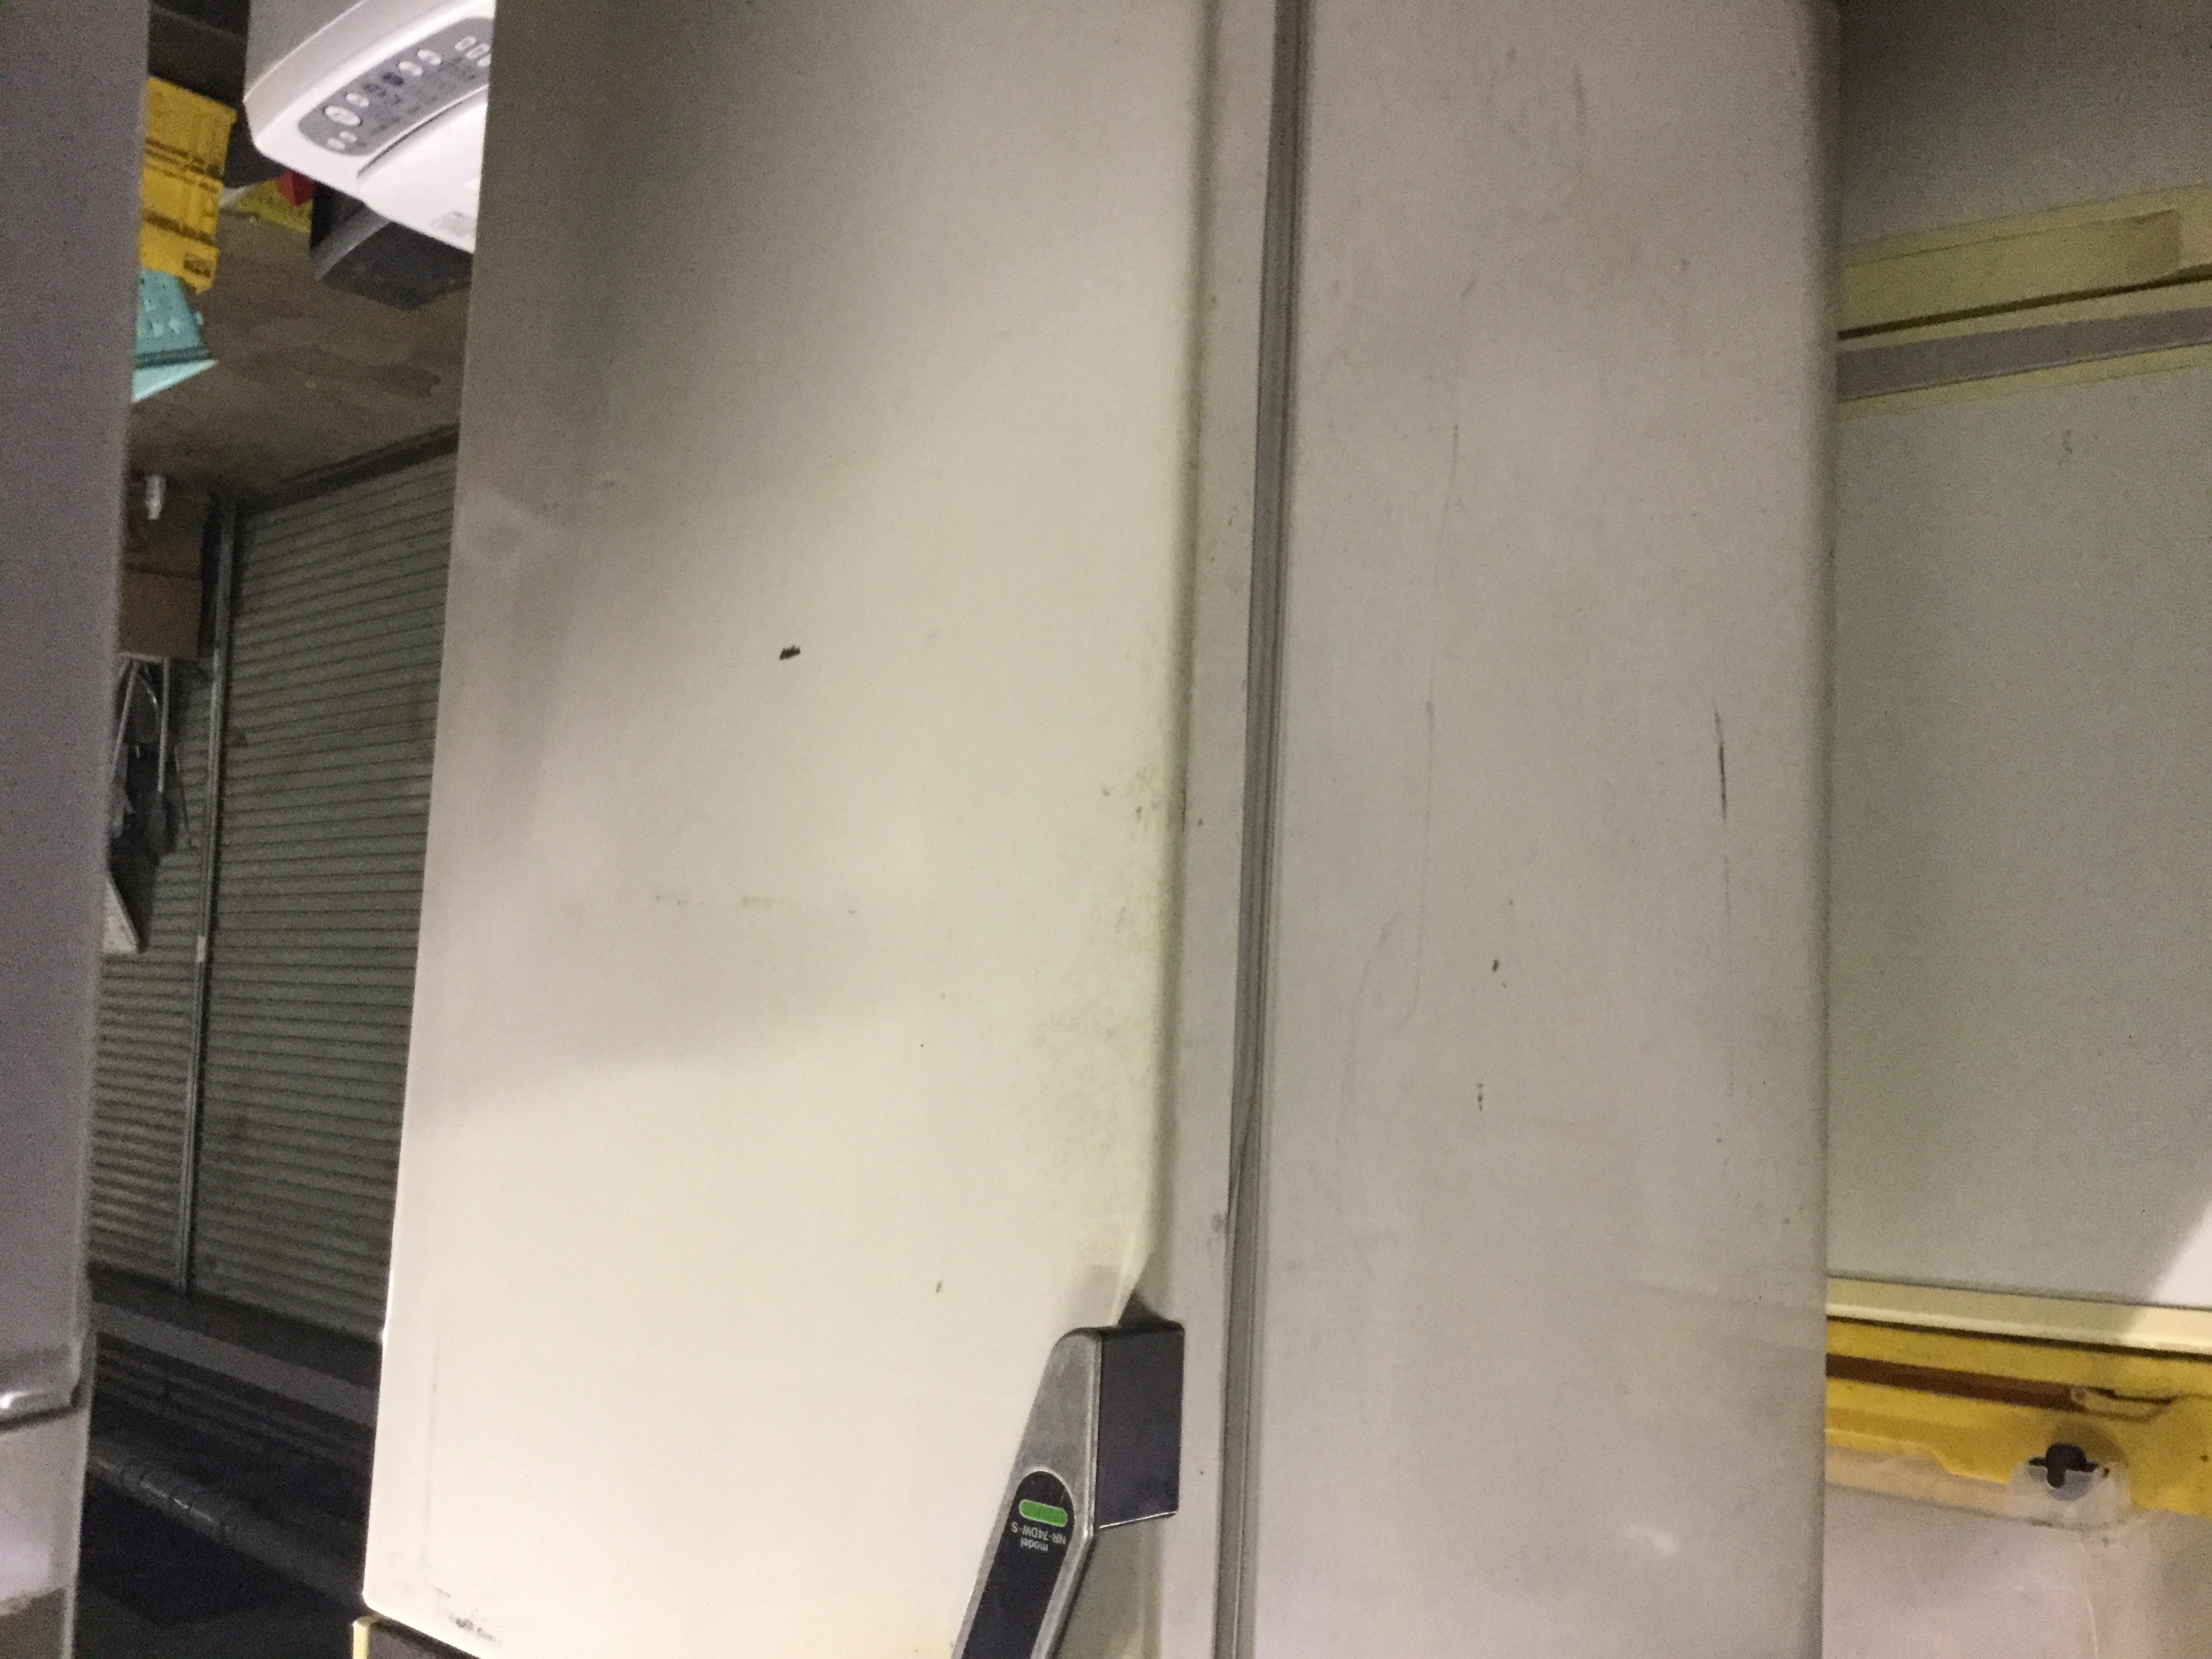 福山市箕沖町付近で回収した冷蔵庫